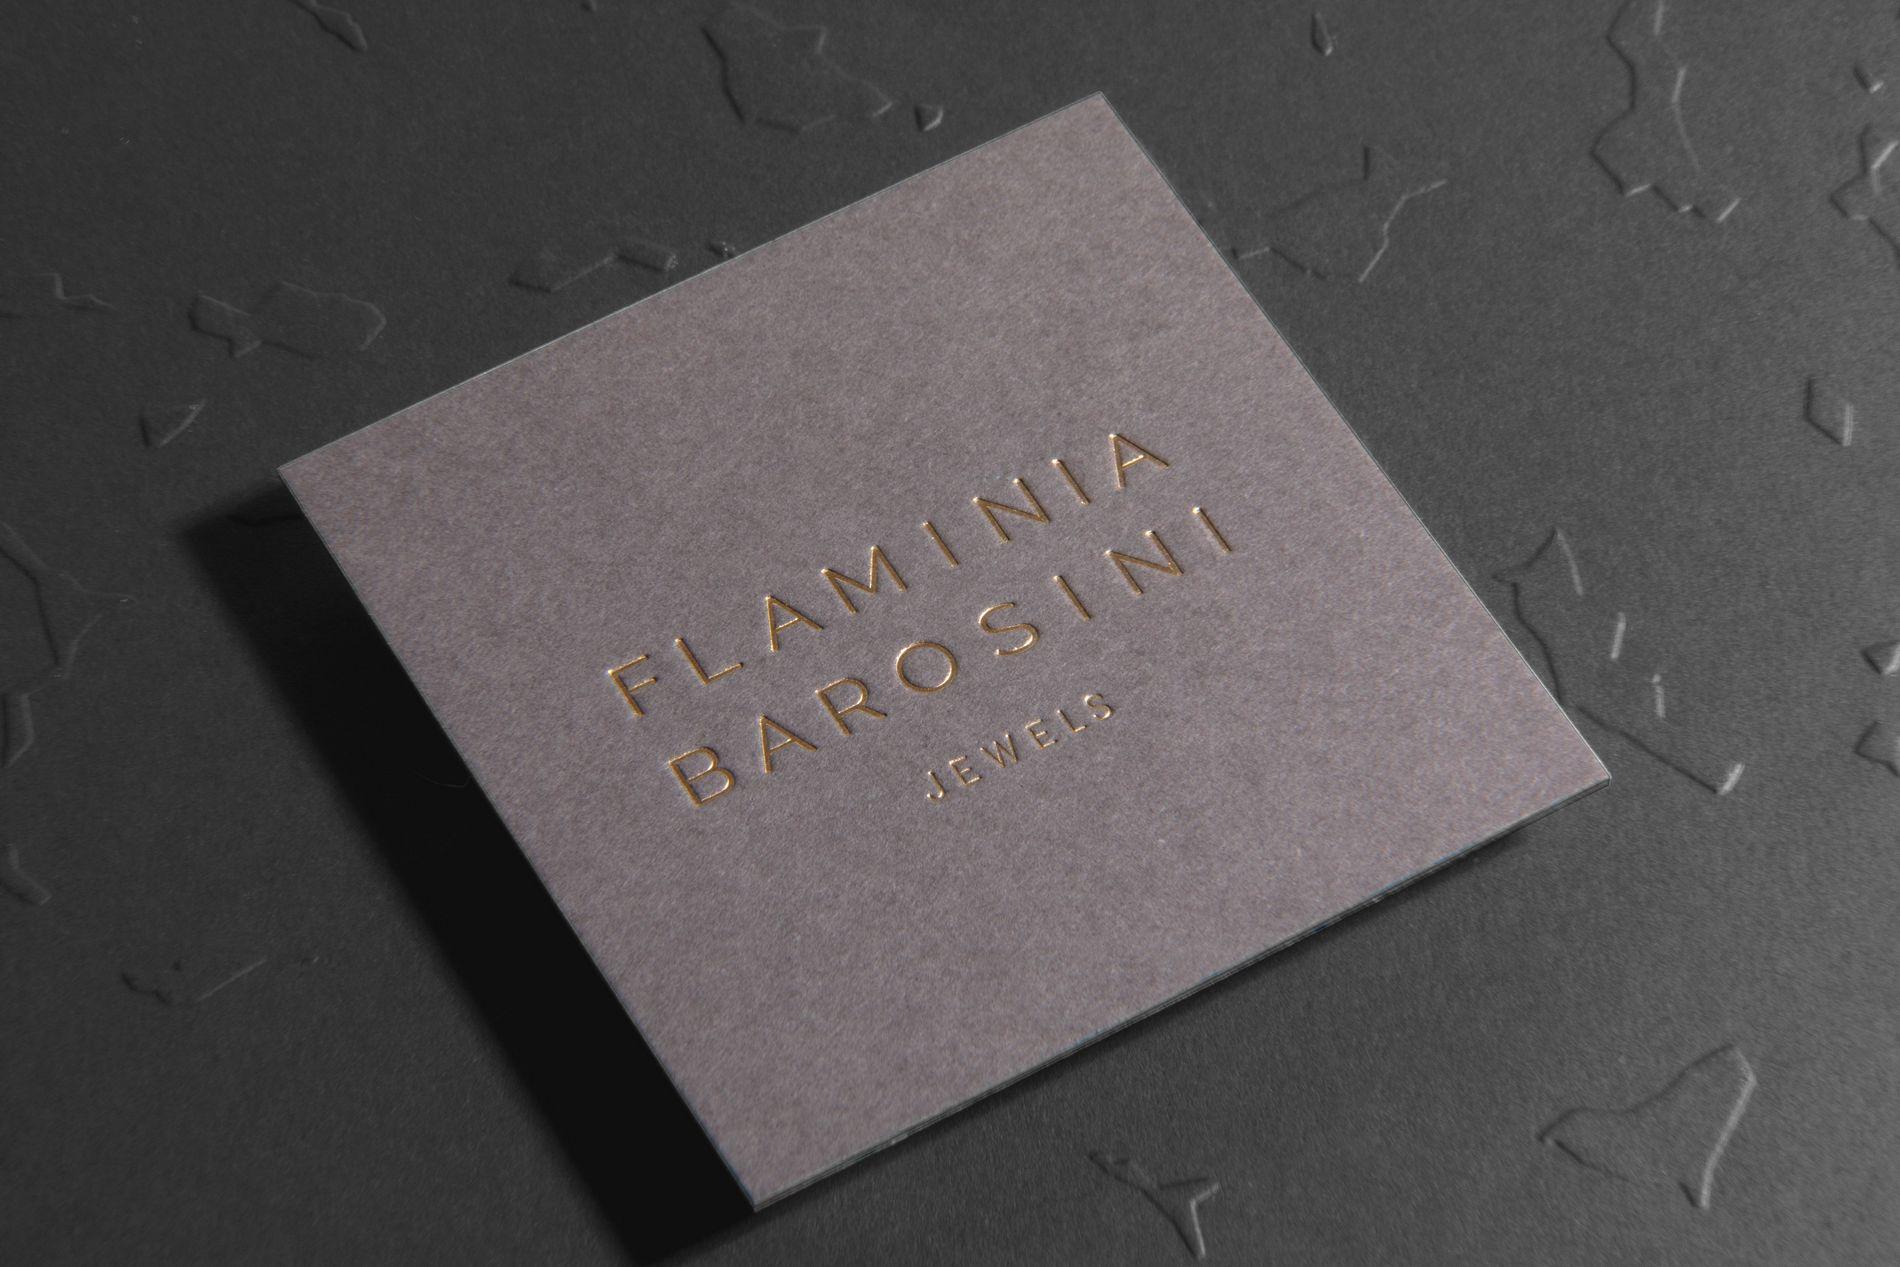 Nostroinchiostro – Flaminia Barosini – 1